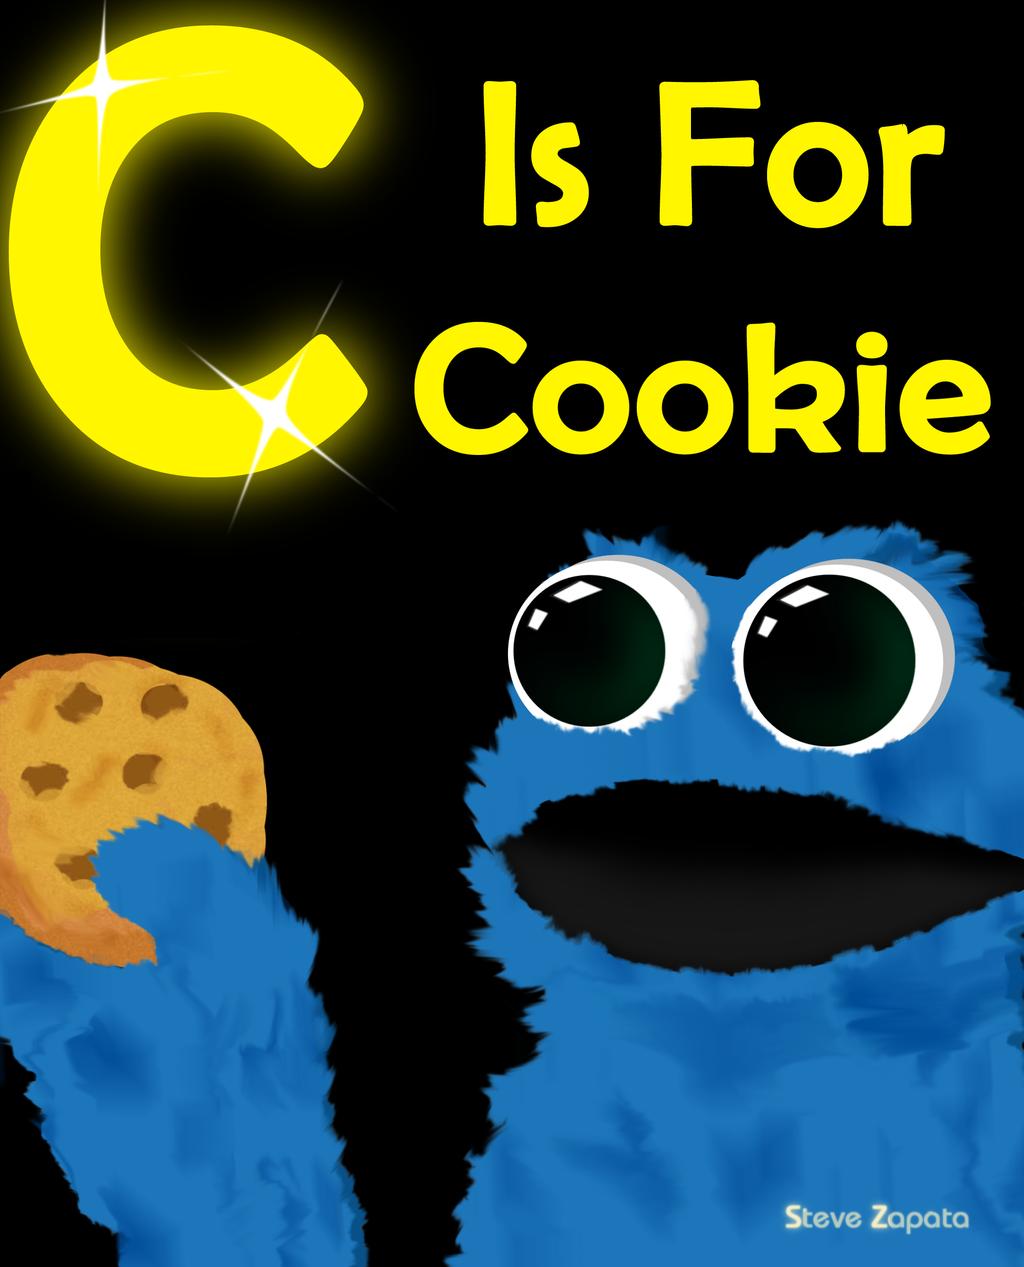 cookie monster cute wallpaper